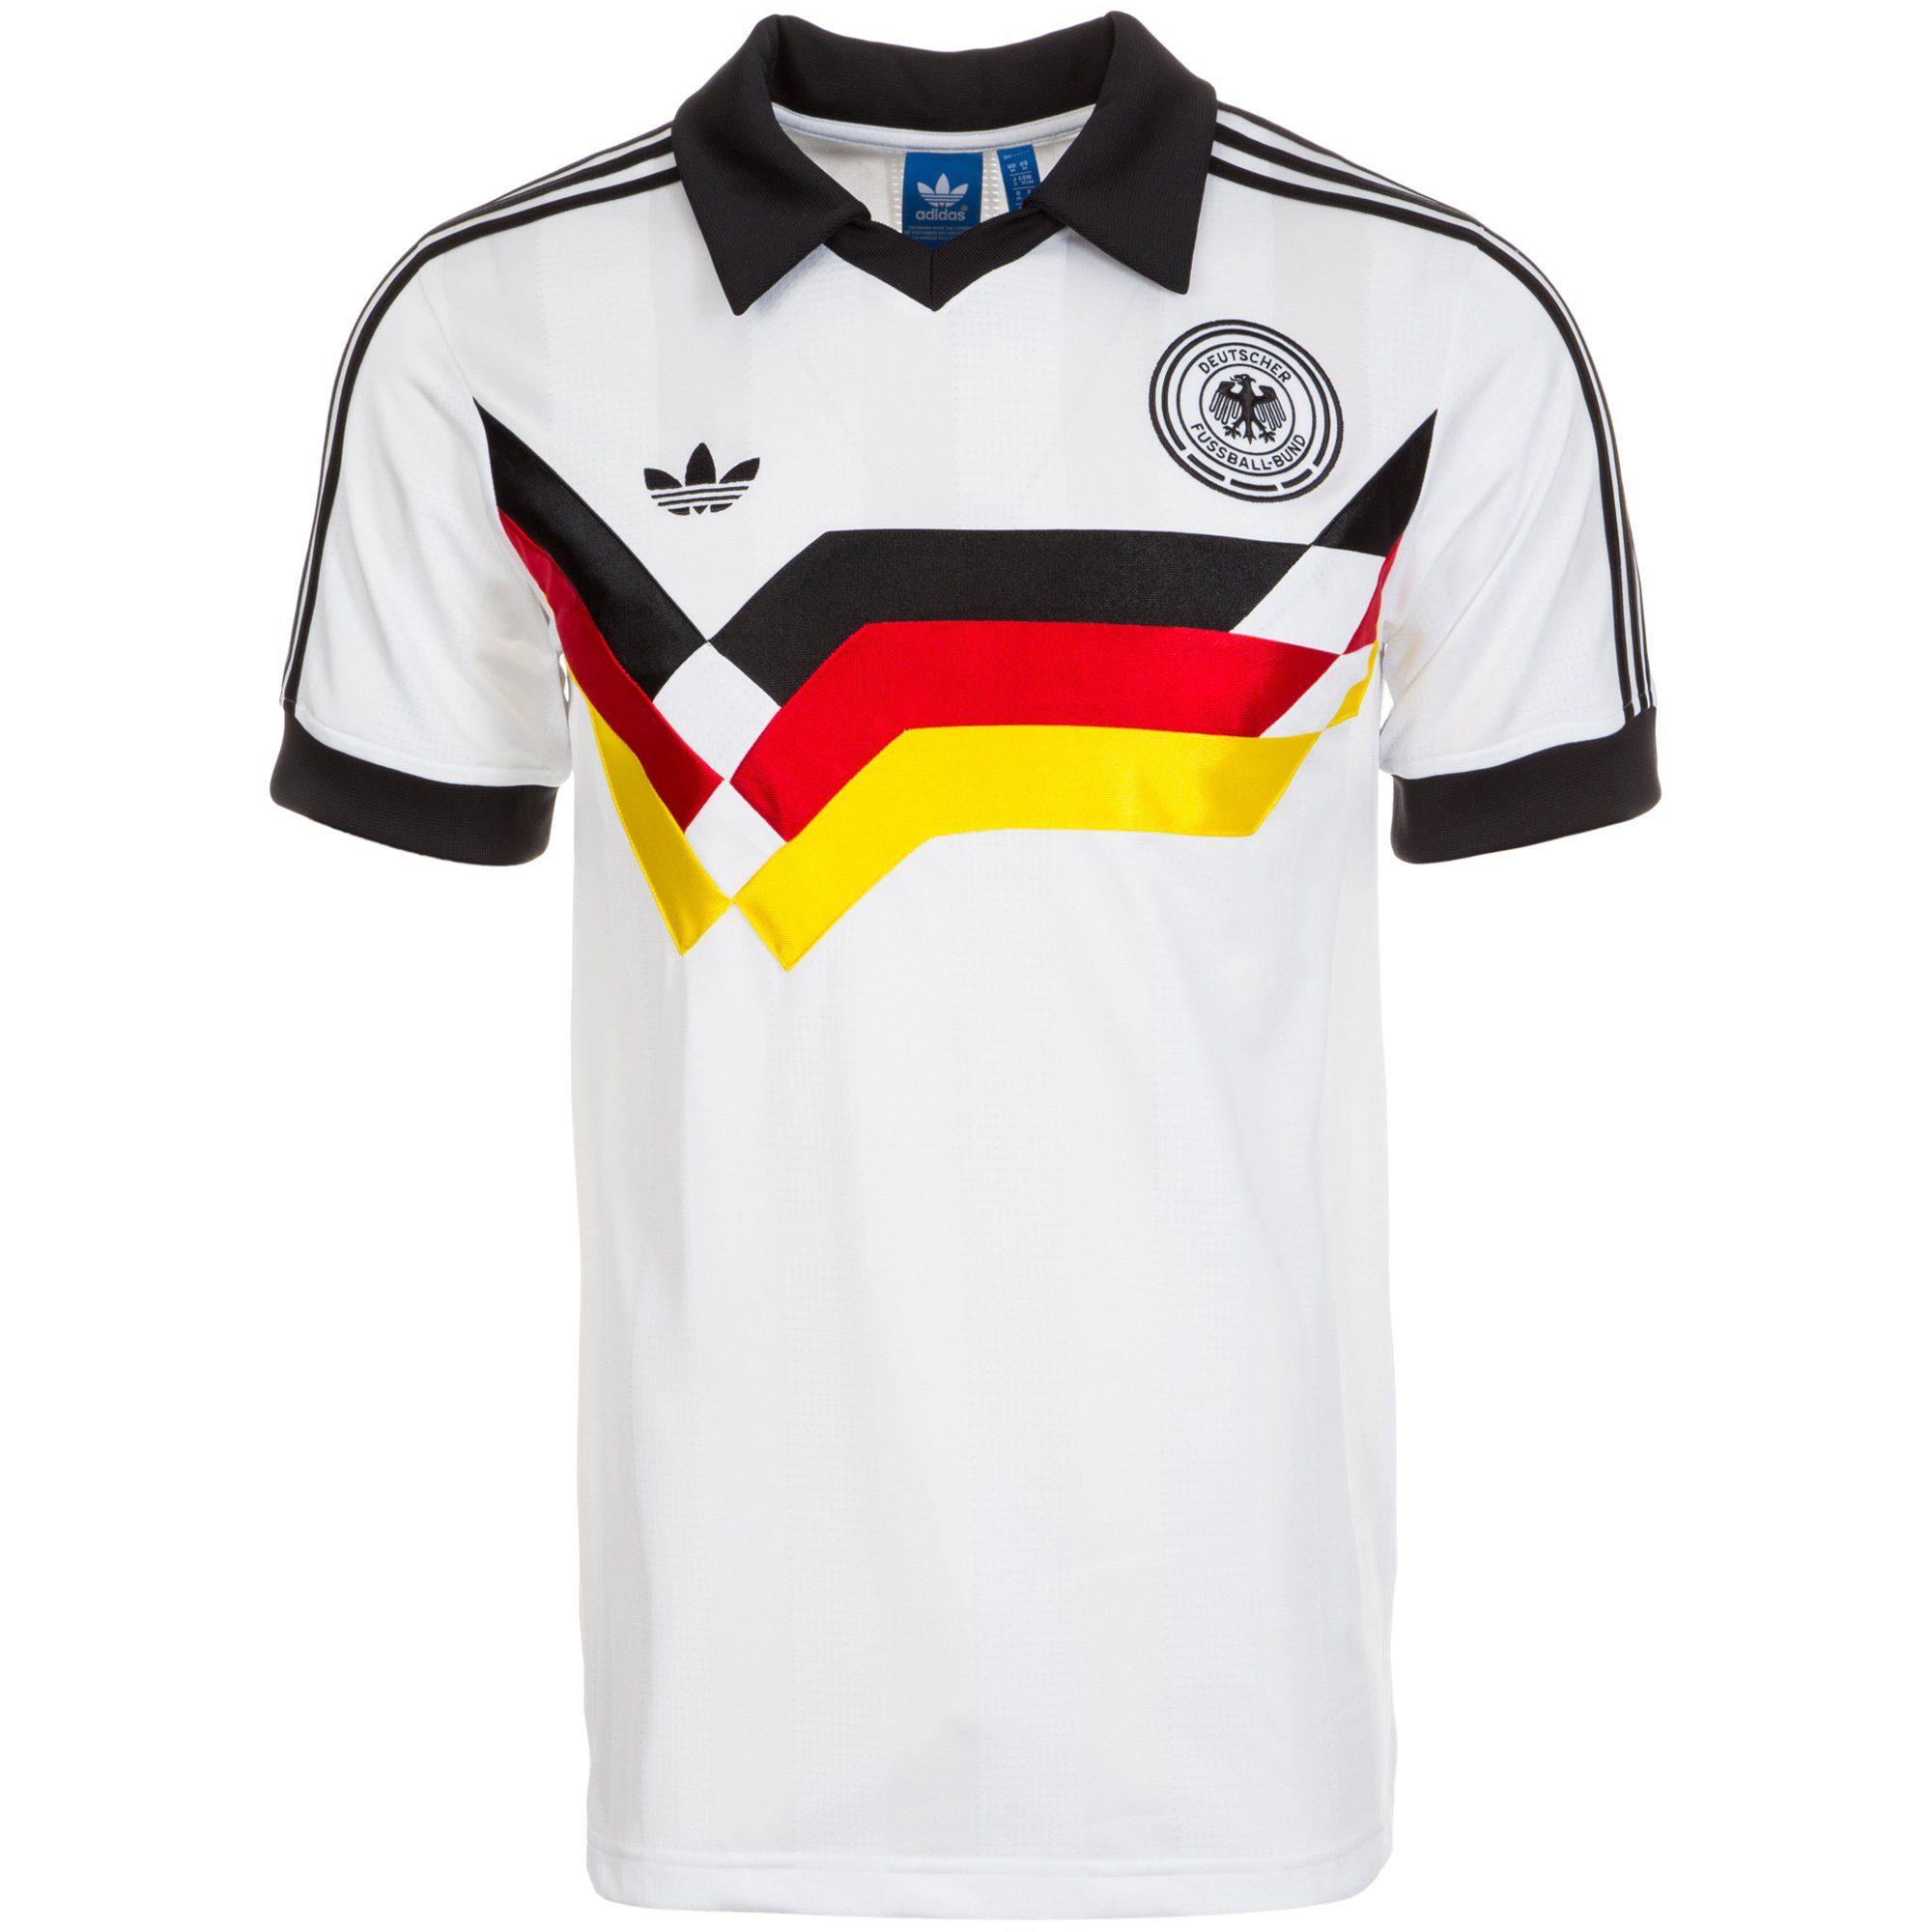 Adidas Originals Deutschland Trikot T shirt 1990 weiß DFB